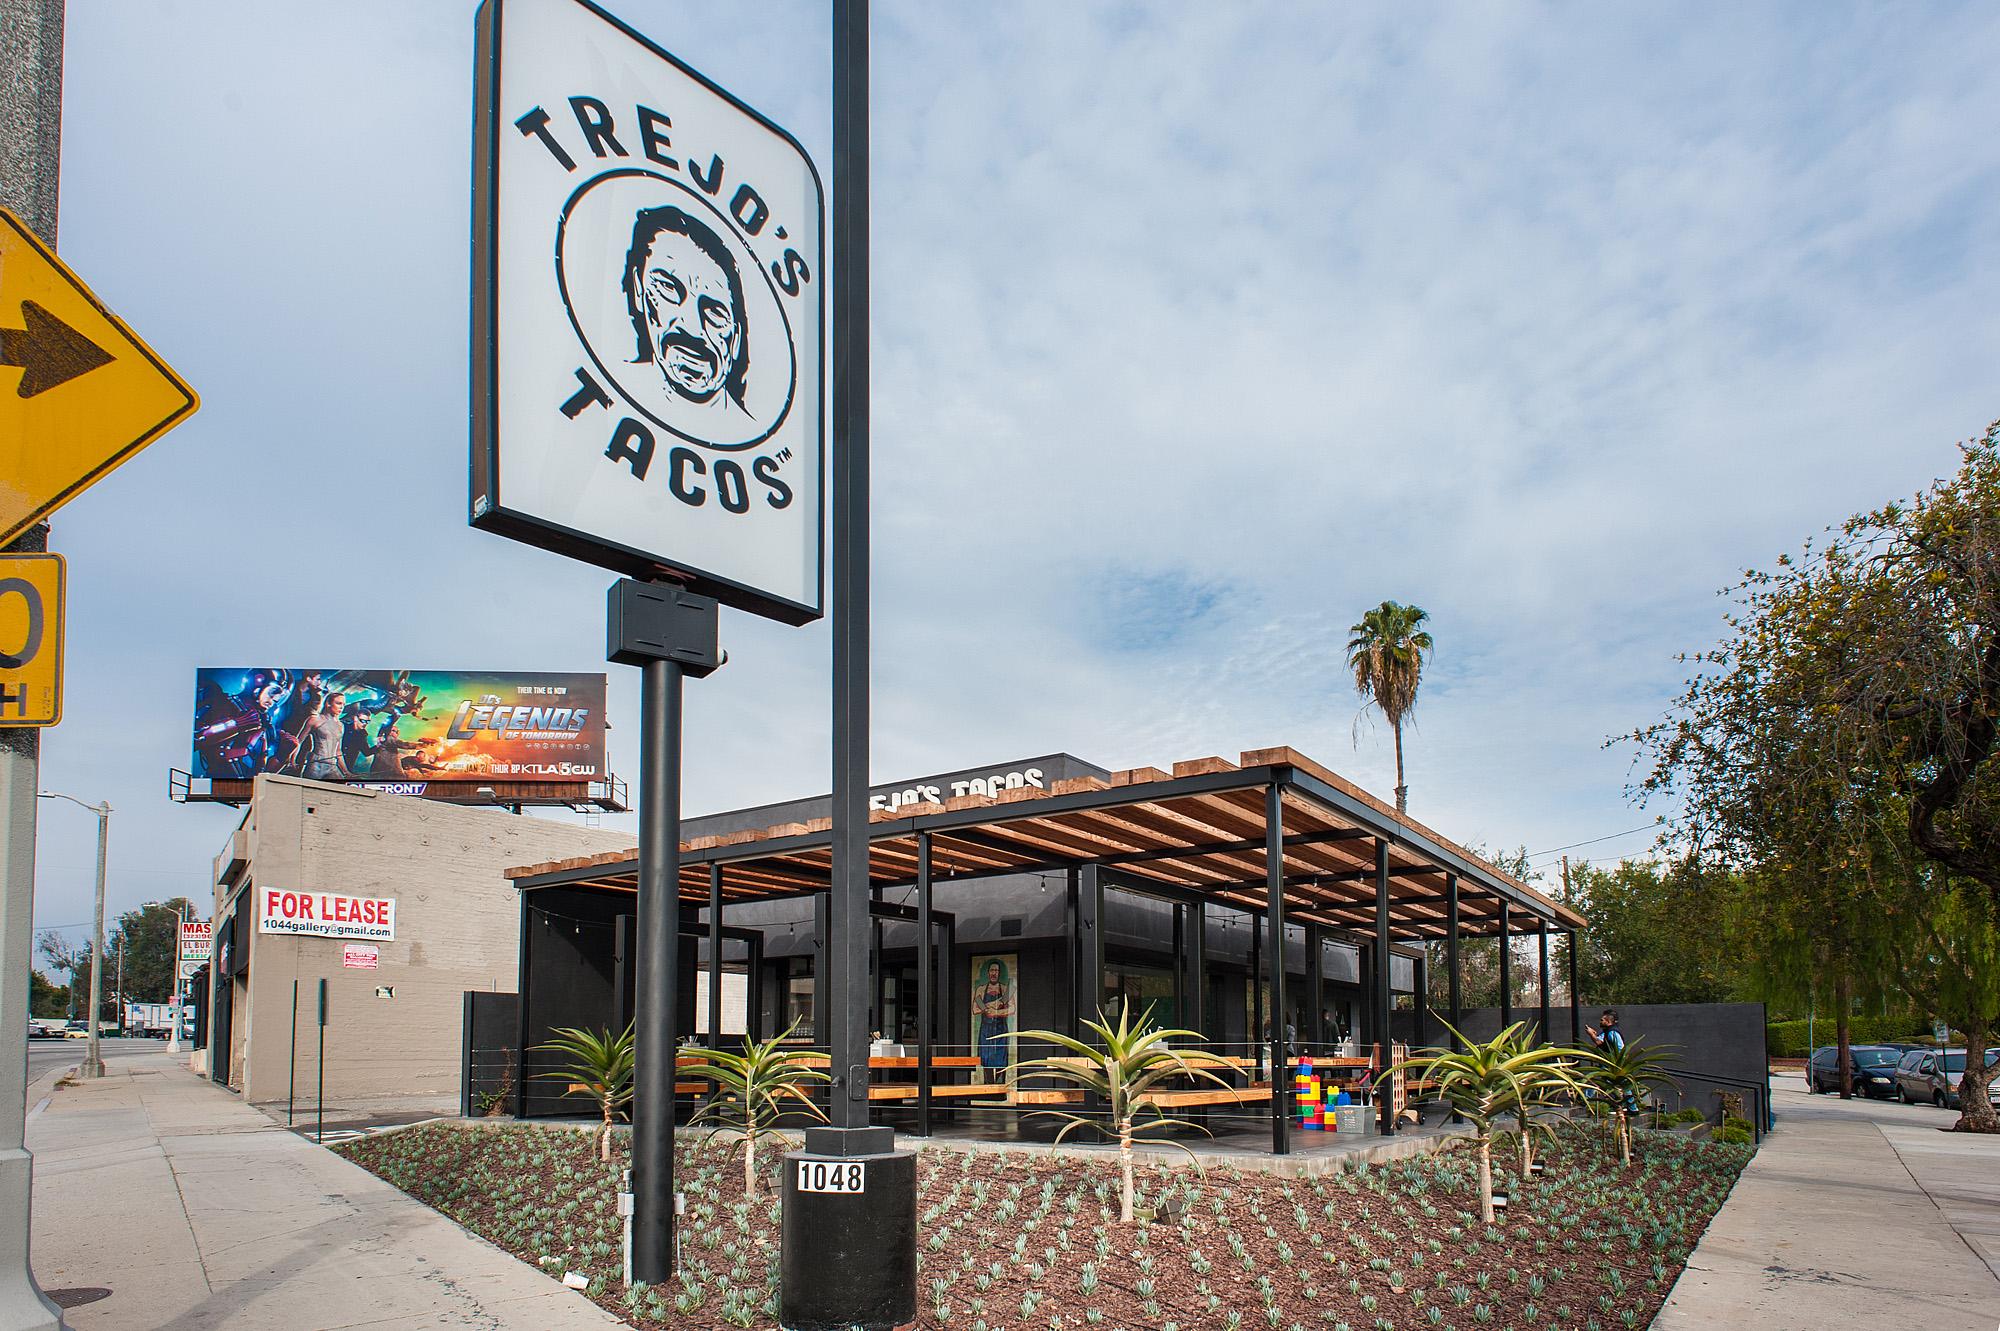 Los Angeles Los Angeles - Eater LA